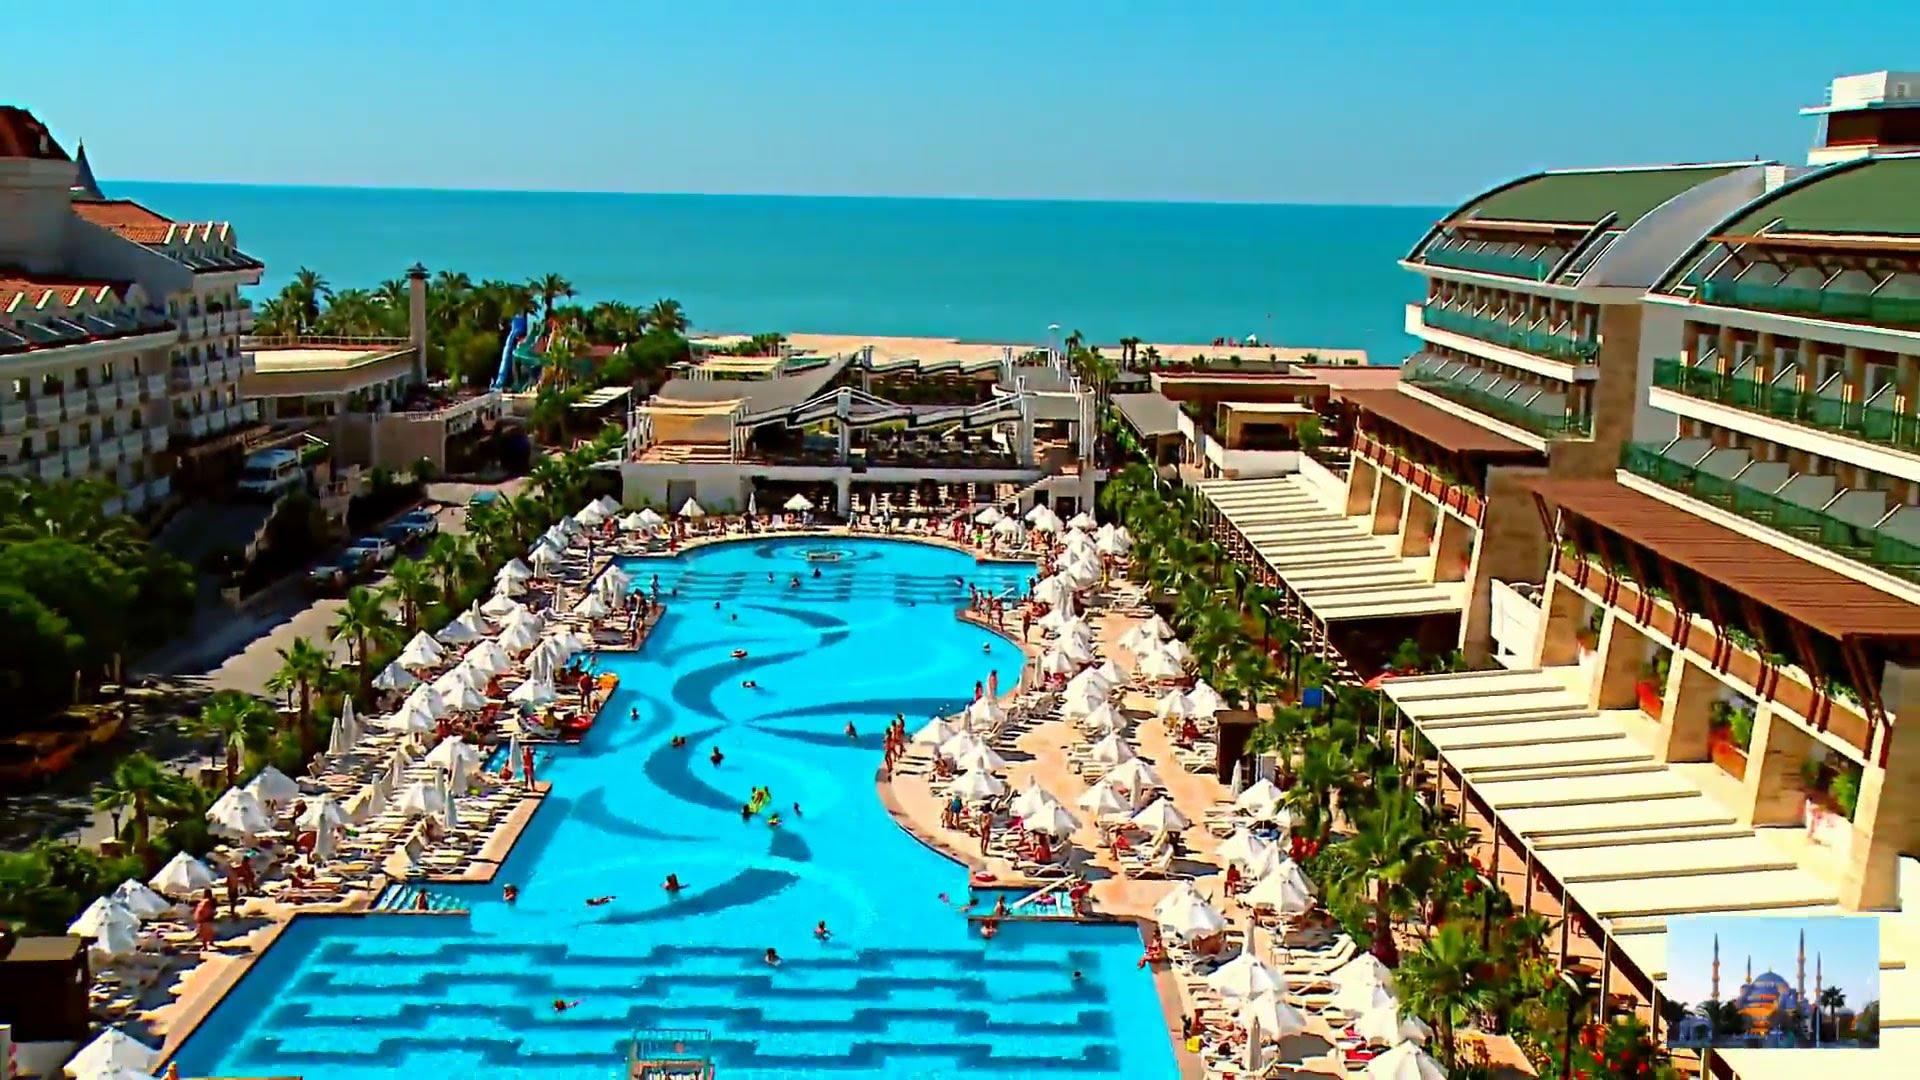 картинки турции средиземного моря с отелями девушка